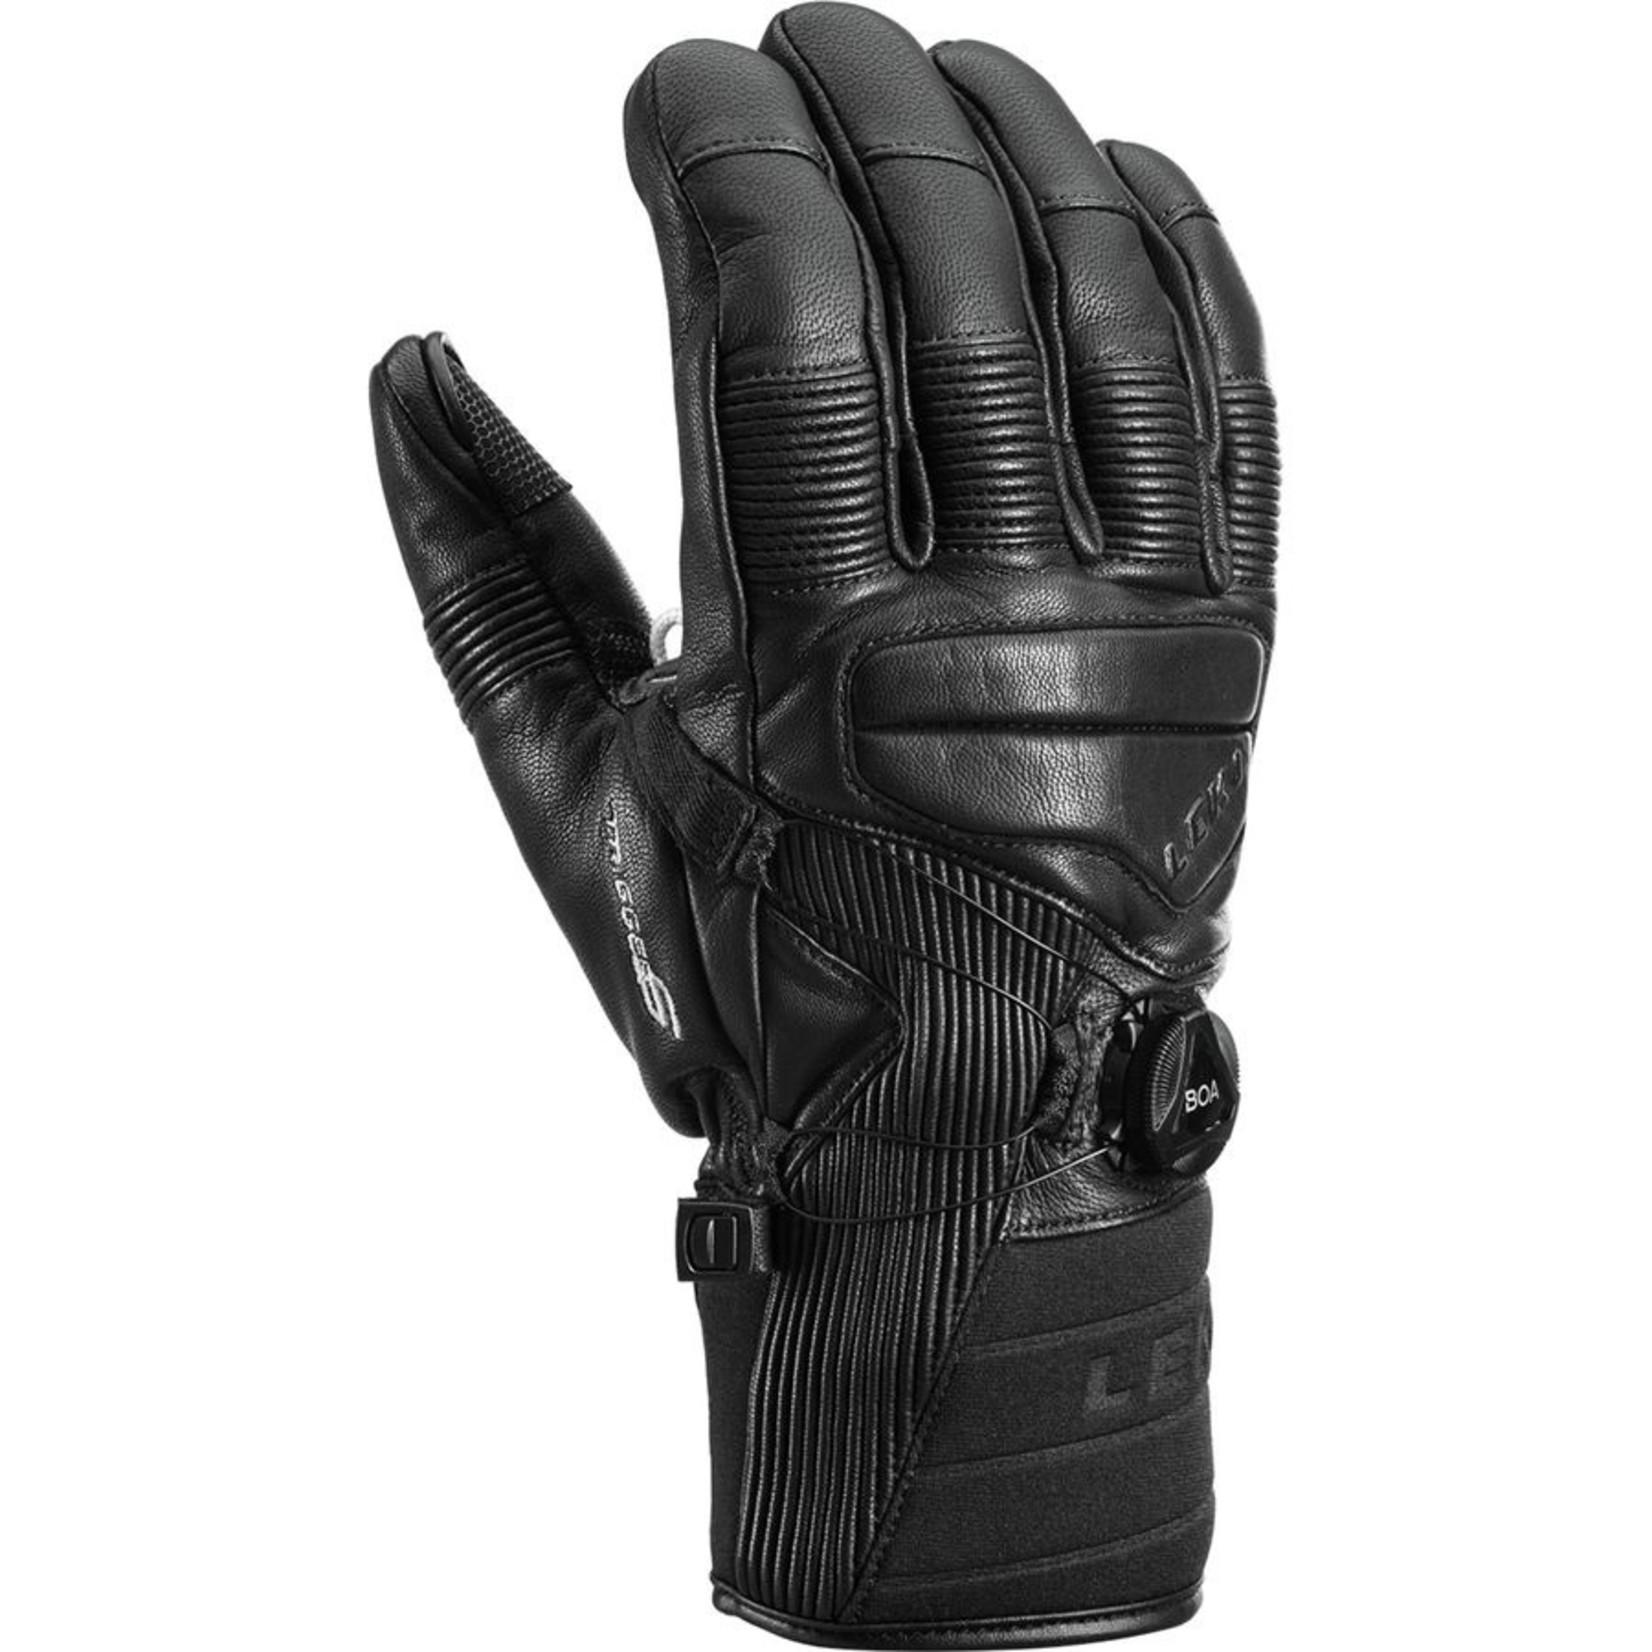 Leki Leki Progressive Tune Leather glove 9.0